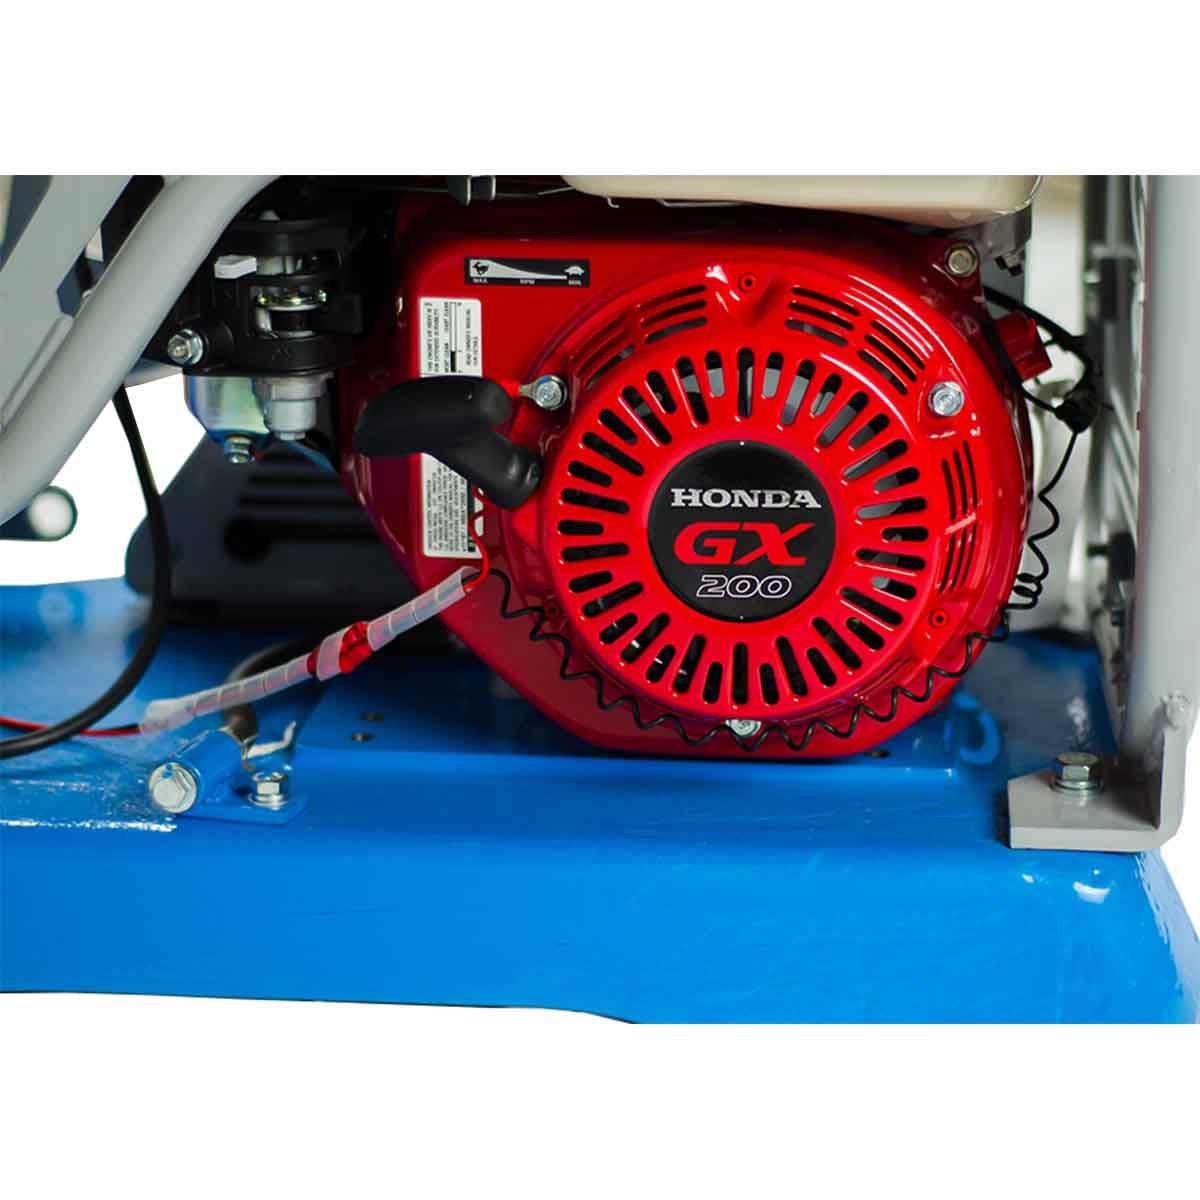 Bartell Reversible Plate motors